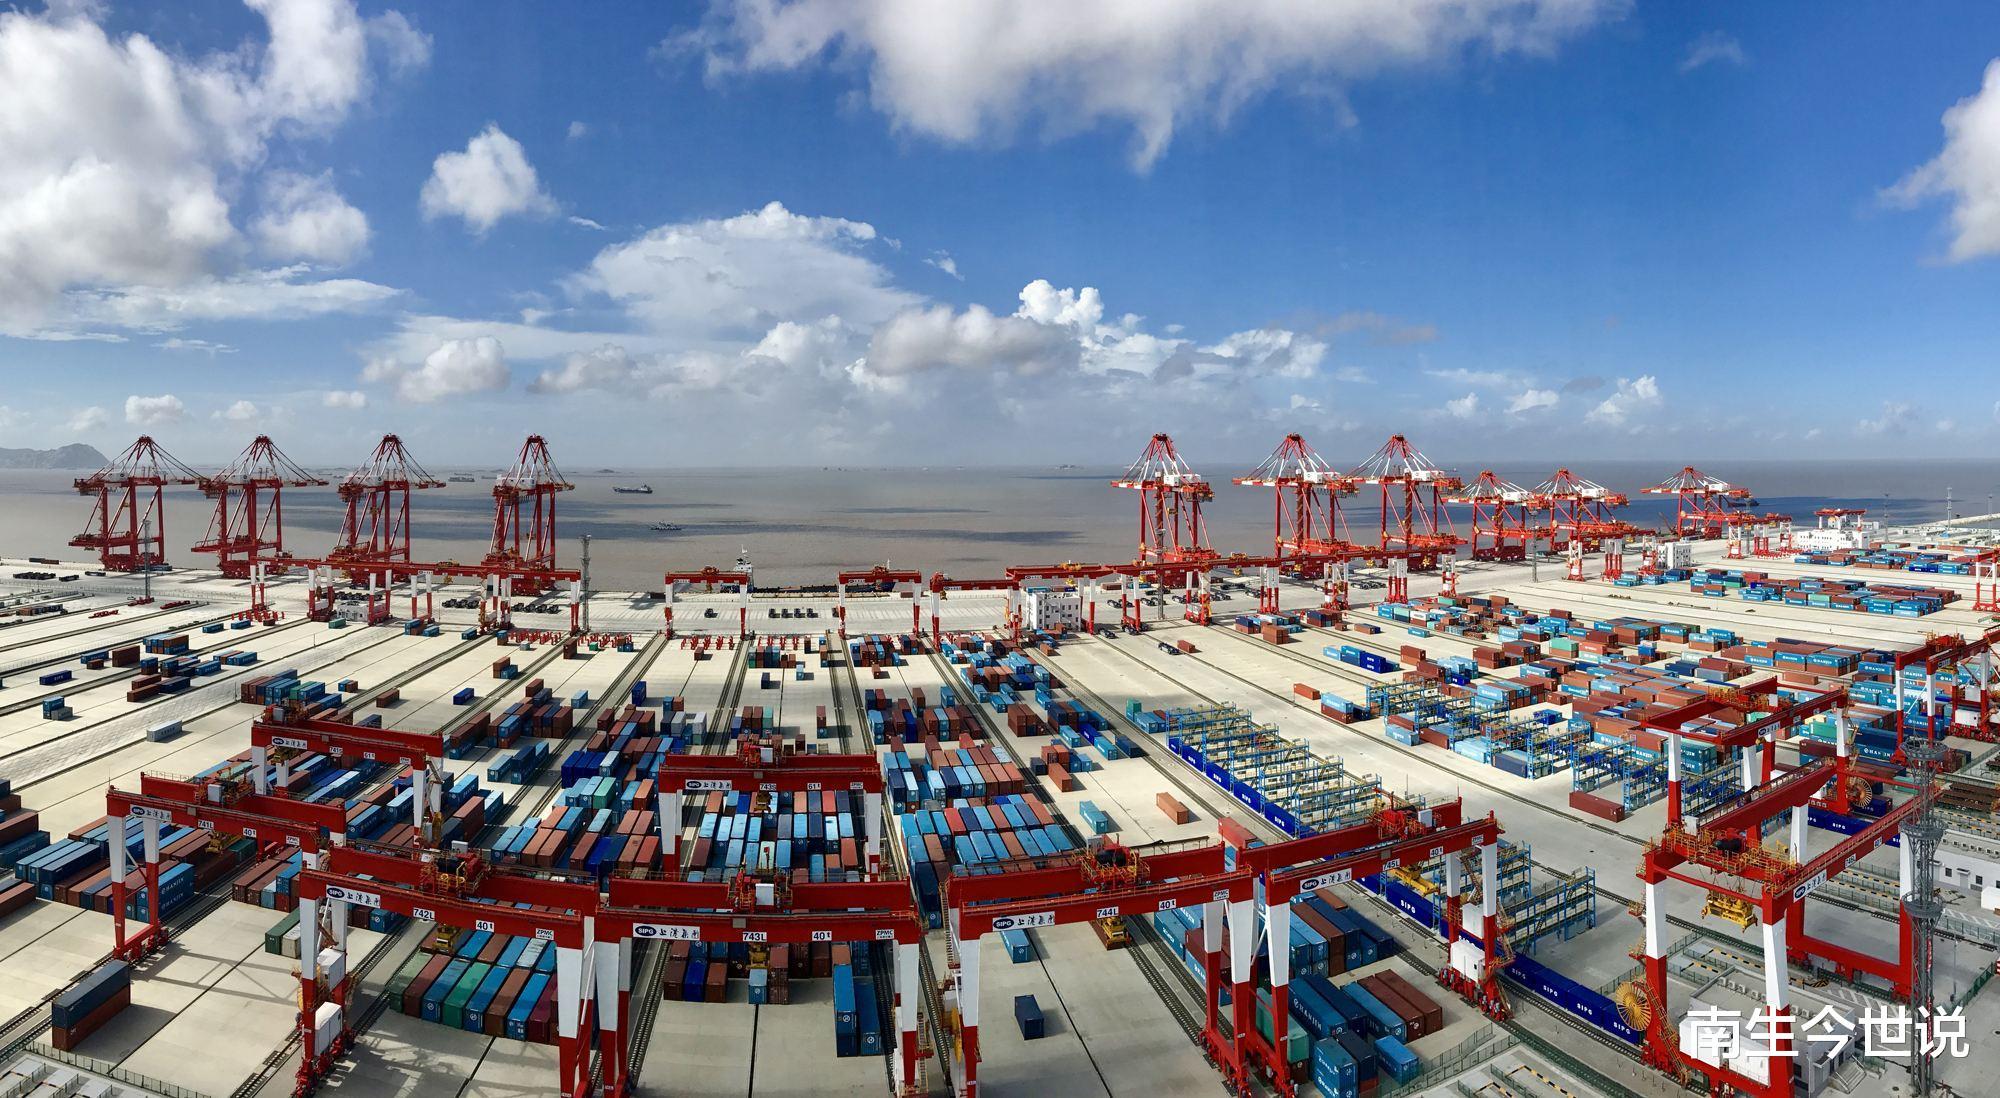 三季度中國商品出口增長10.2%,今年GDP突破15萬億美元,希望很大瞭-圖3